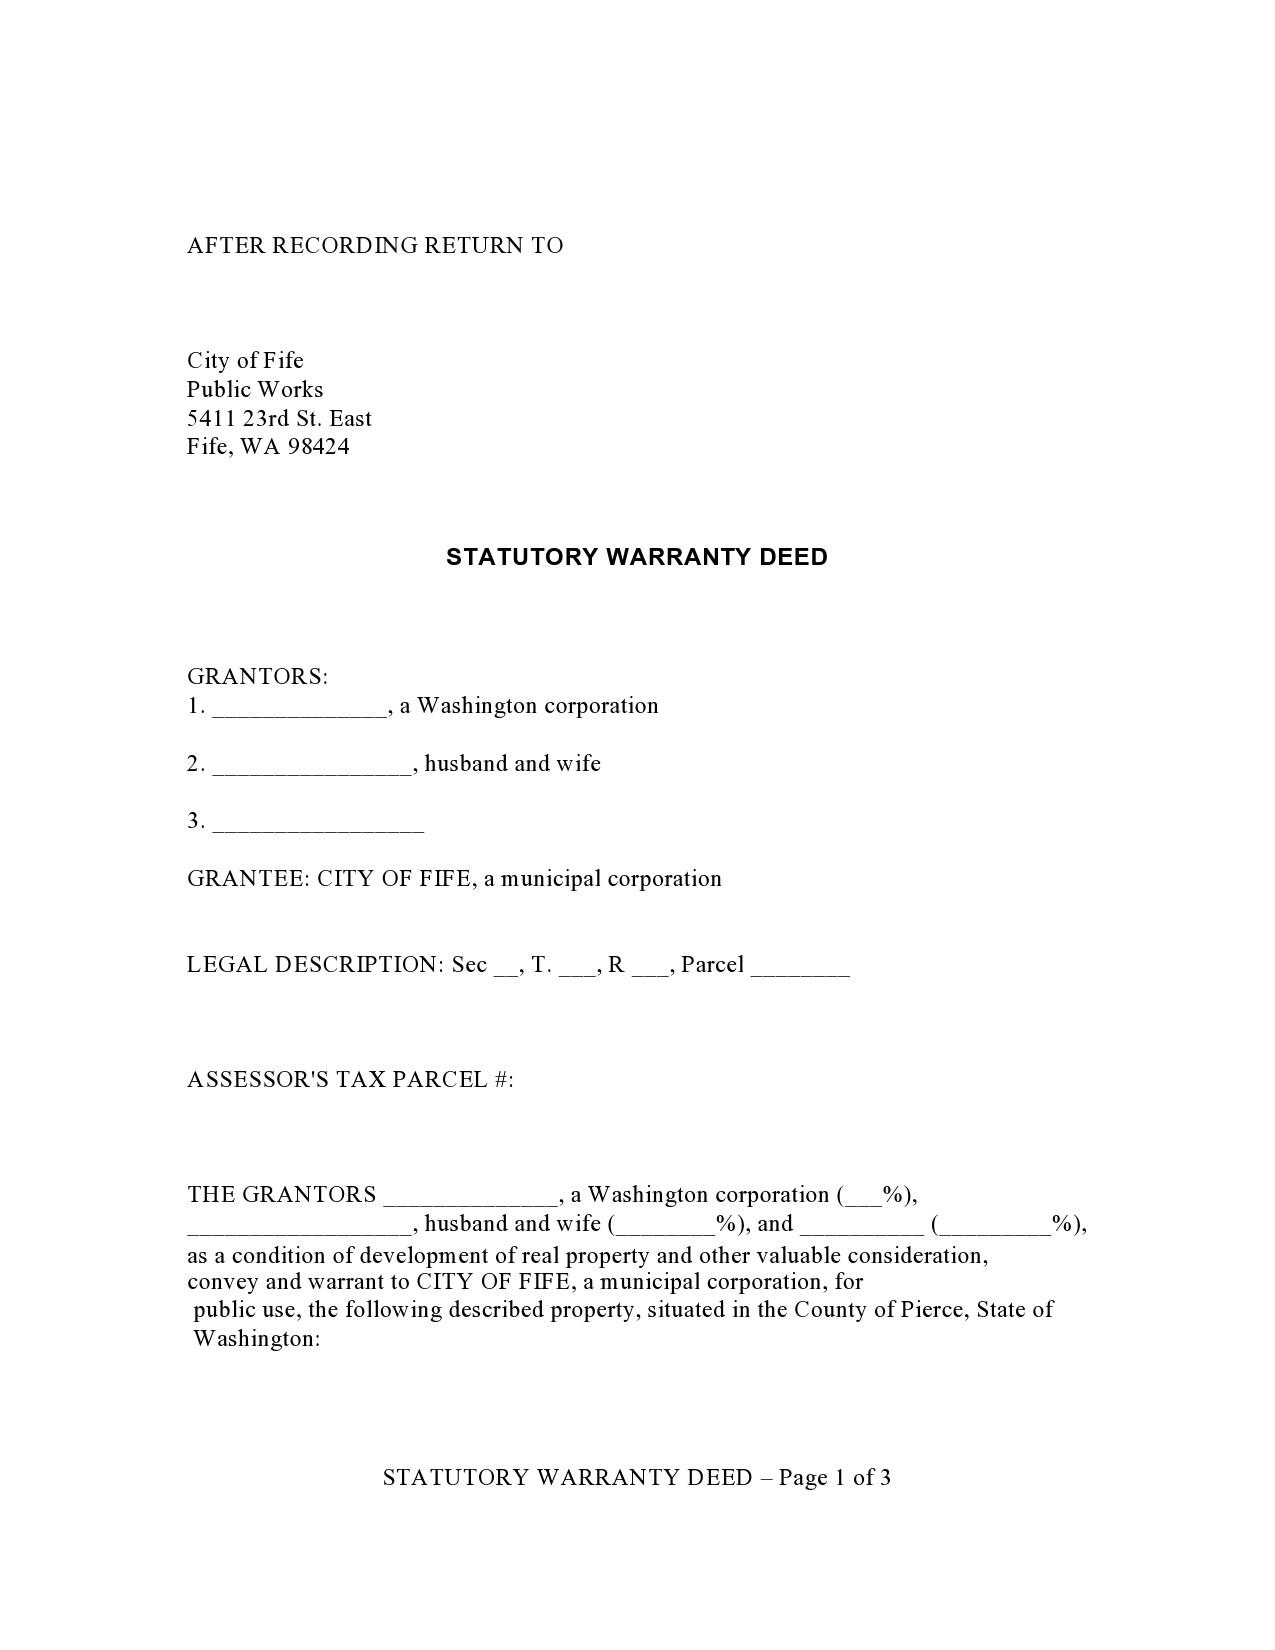 Free warranty deed form 16